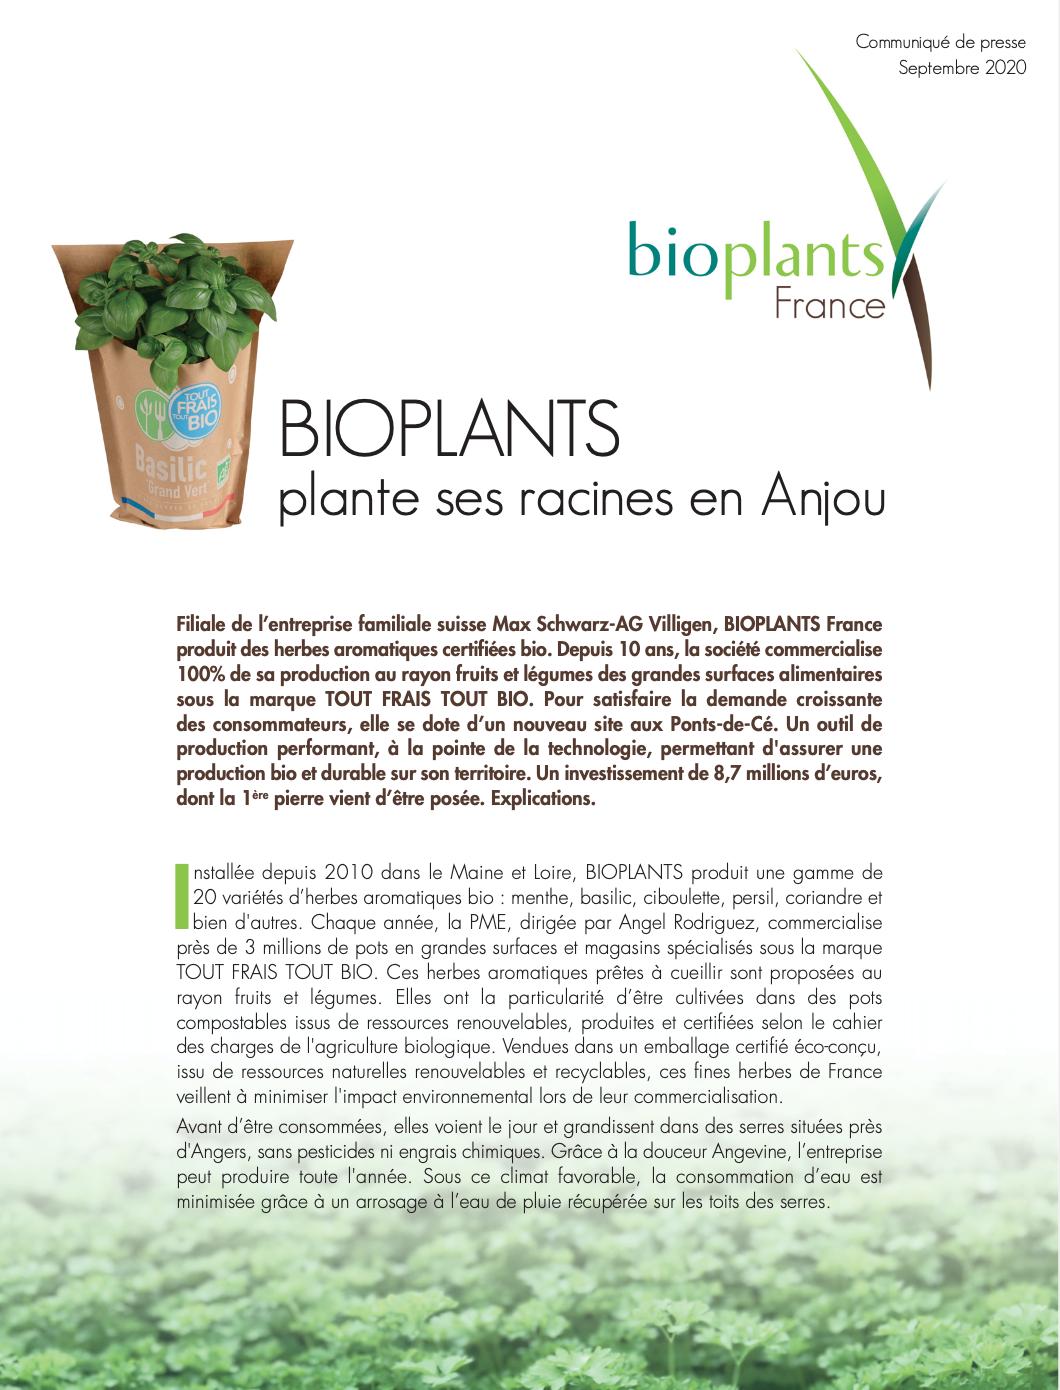 Communiqué bioplants